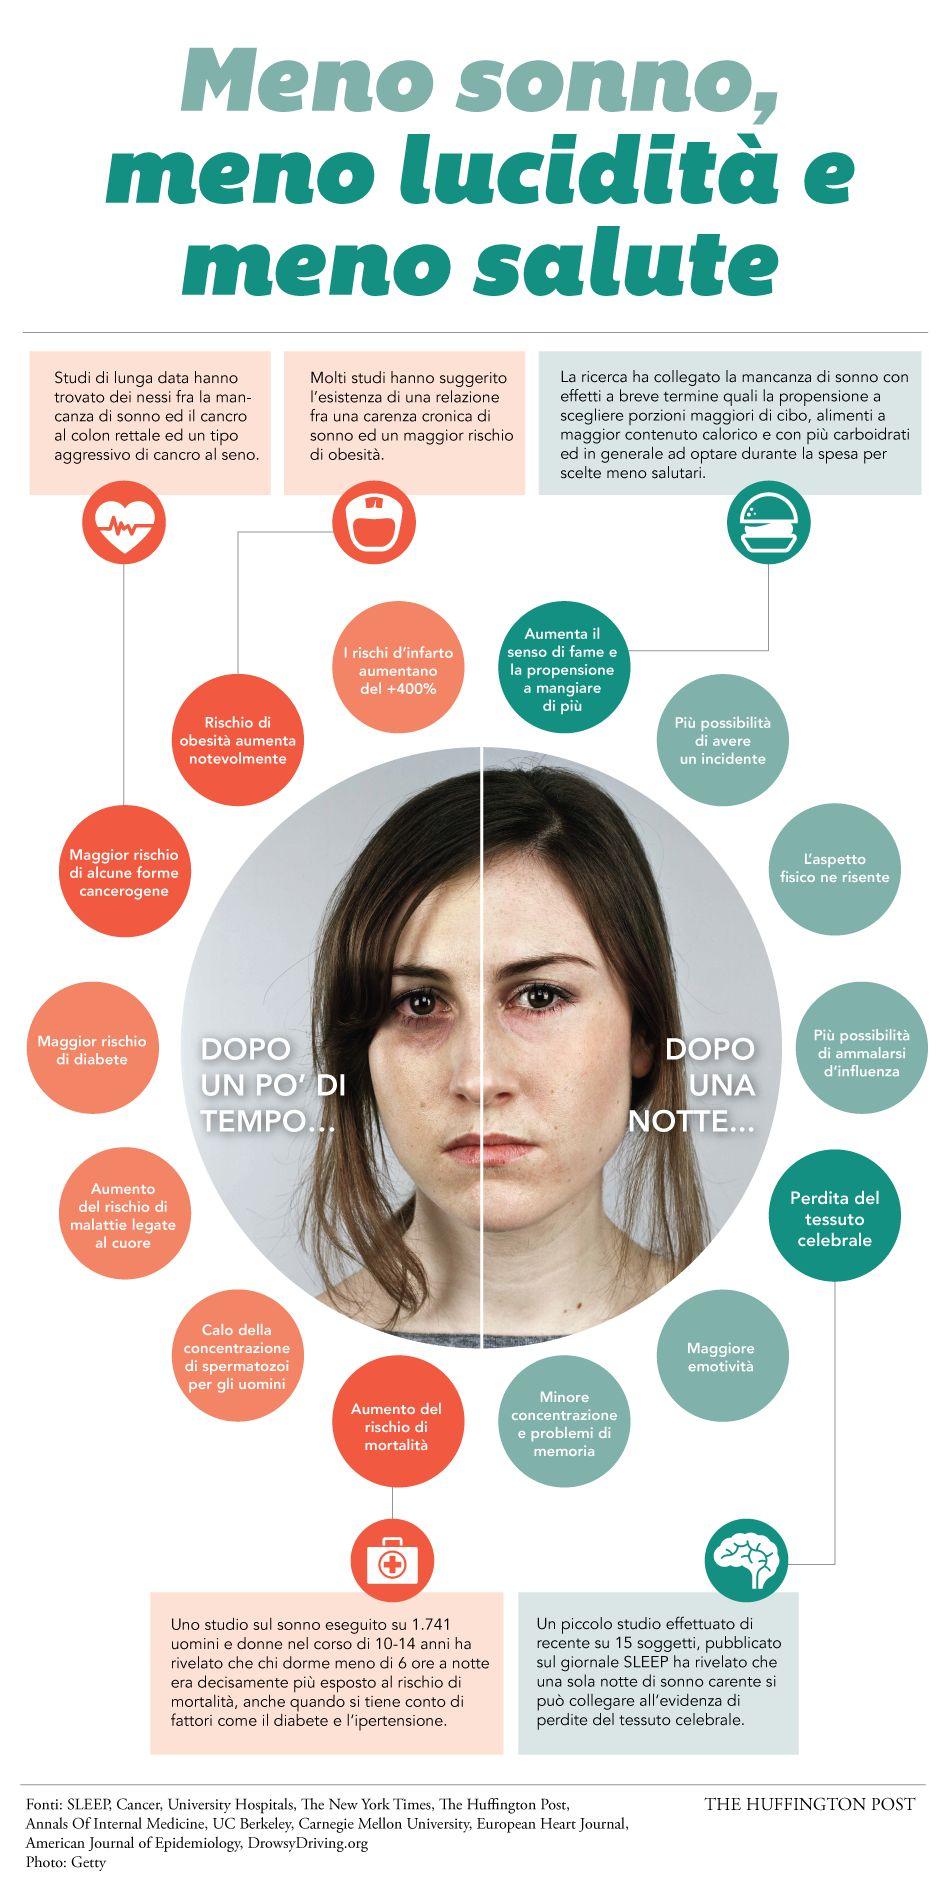 Dormire poco. Gli effetti sulla salute della mancanza di sonno: memoria, obesità, infarto e minor fertilità